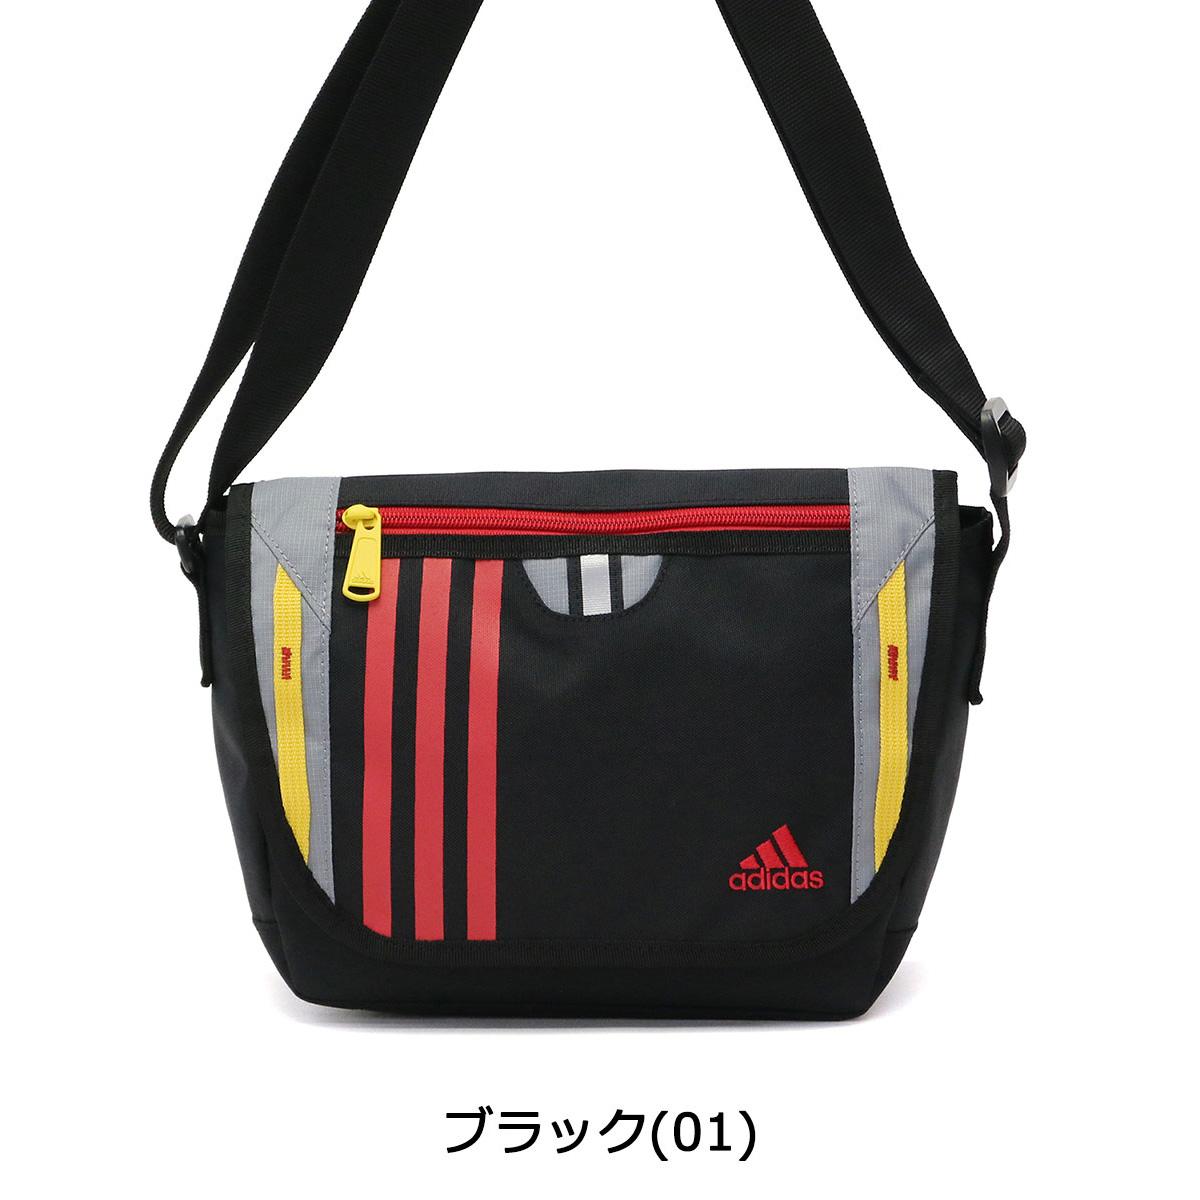 Adidas Kids Shoulder Bag Licking A5 Junior Children S School Boy Primary 47943